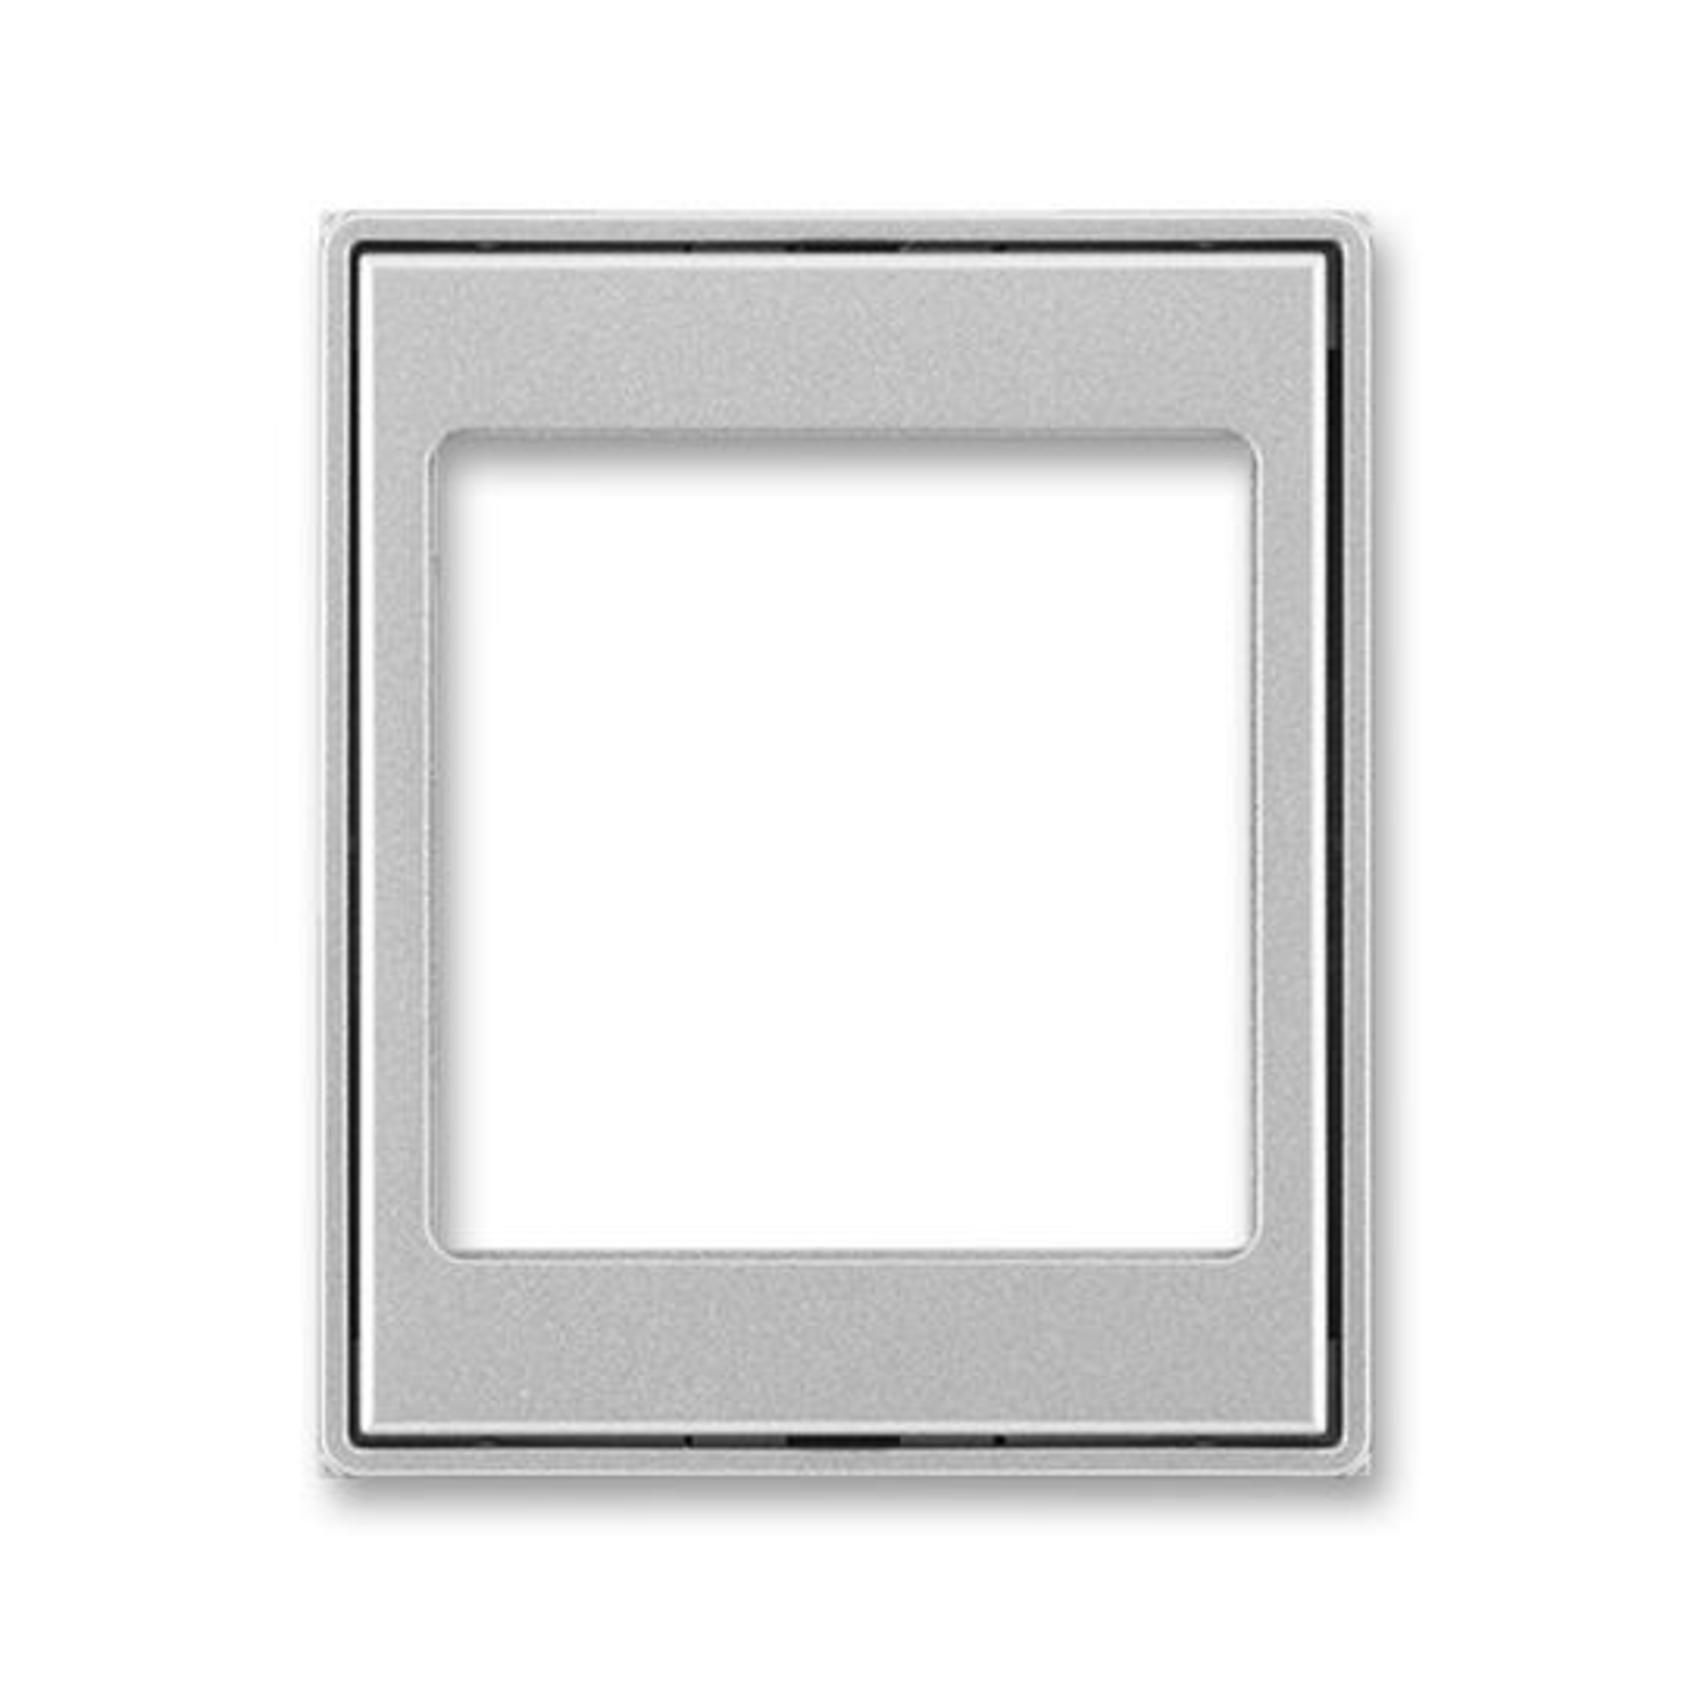 ABB 5016E-A00070 08 Time Kryt pro přístroj osvětlení s LED nebo pro adaptér Profil 45